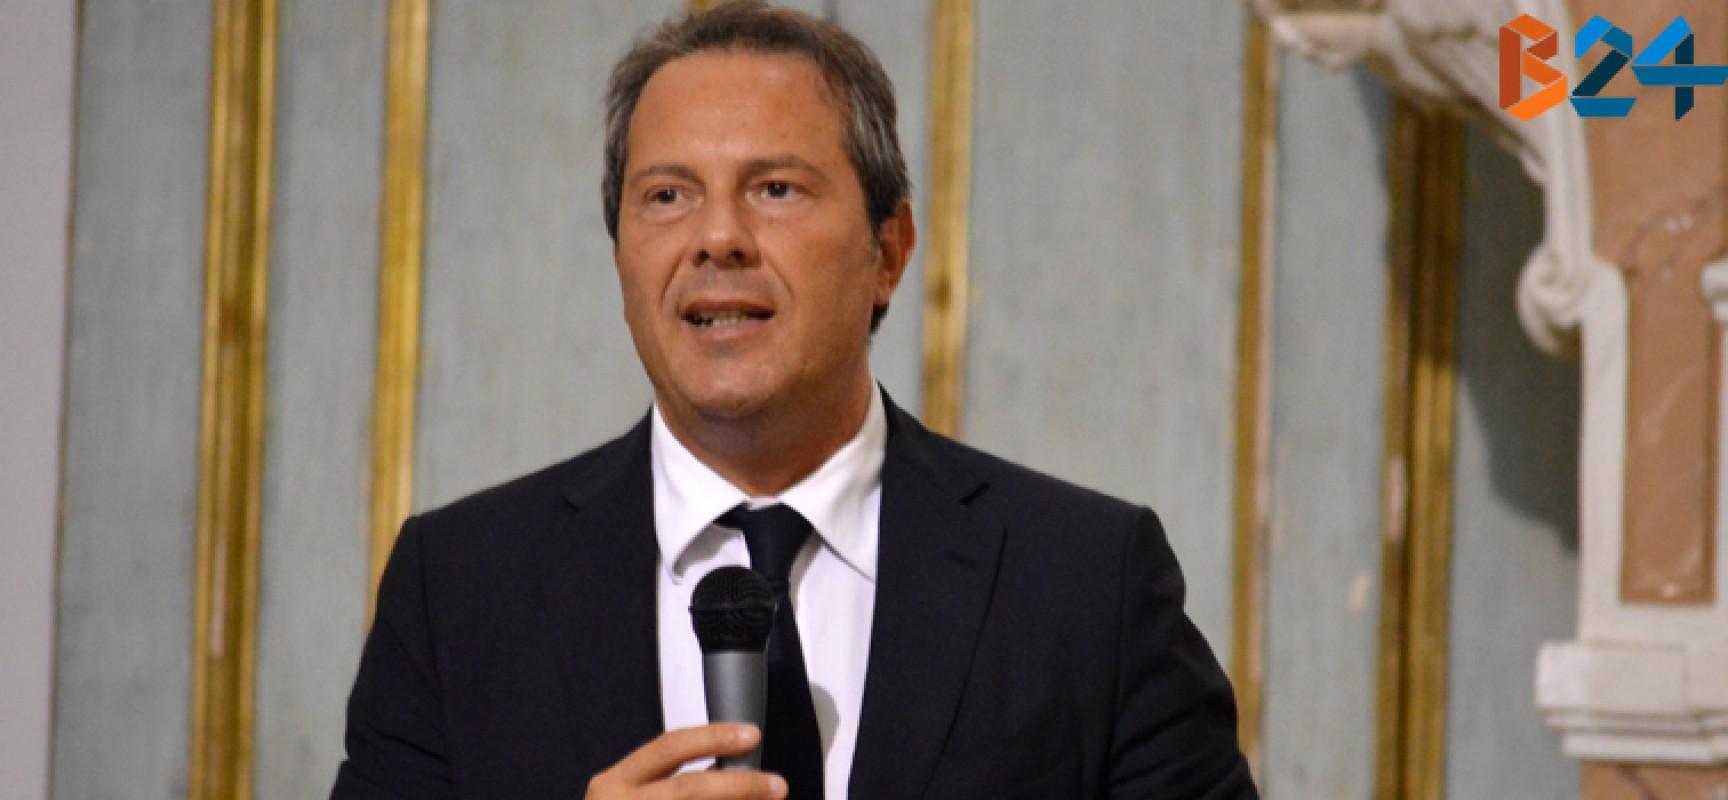 Gli auguri di Natale del sindaco Francesco Spina